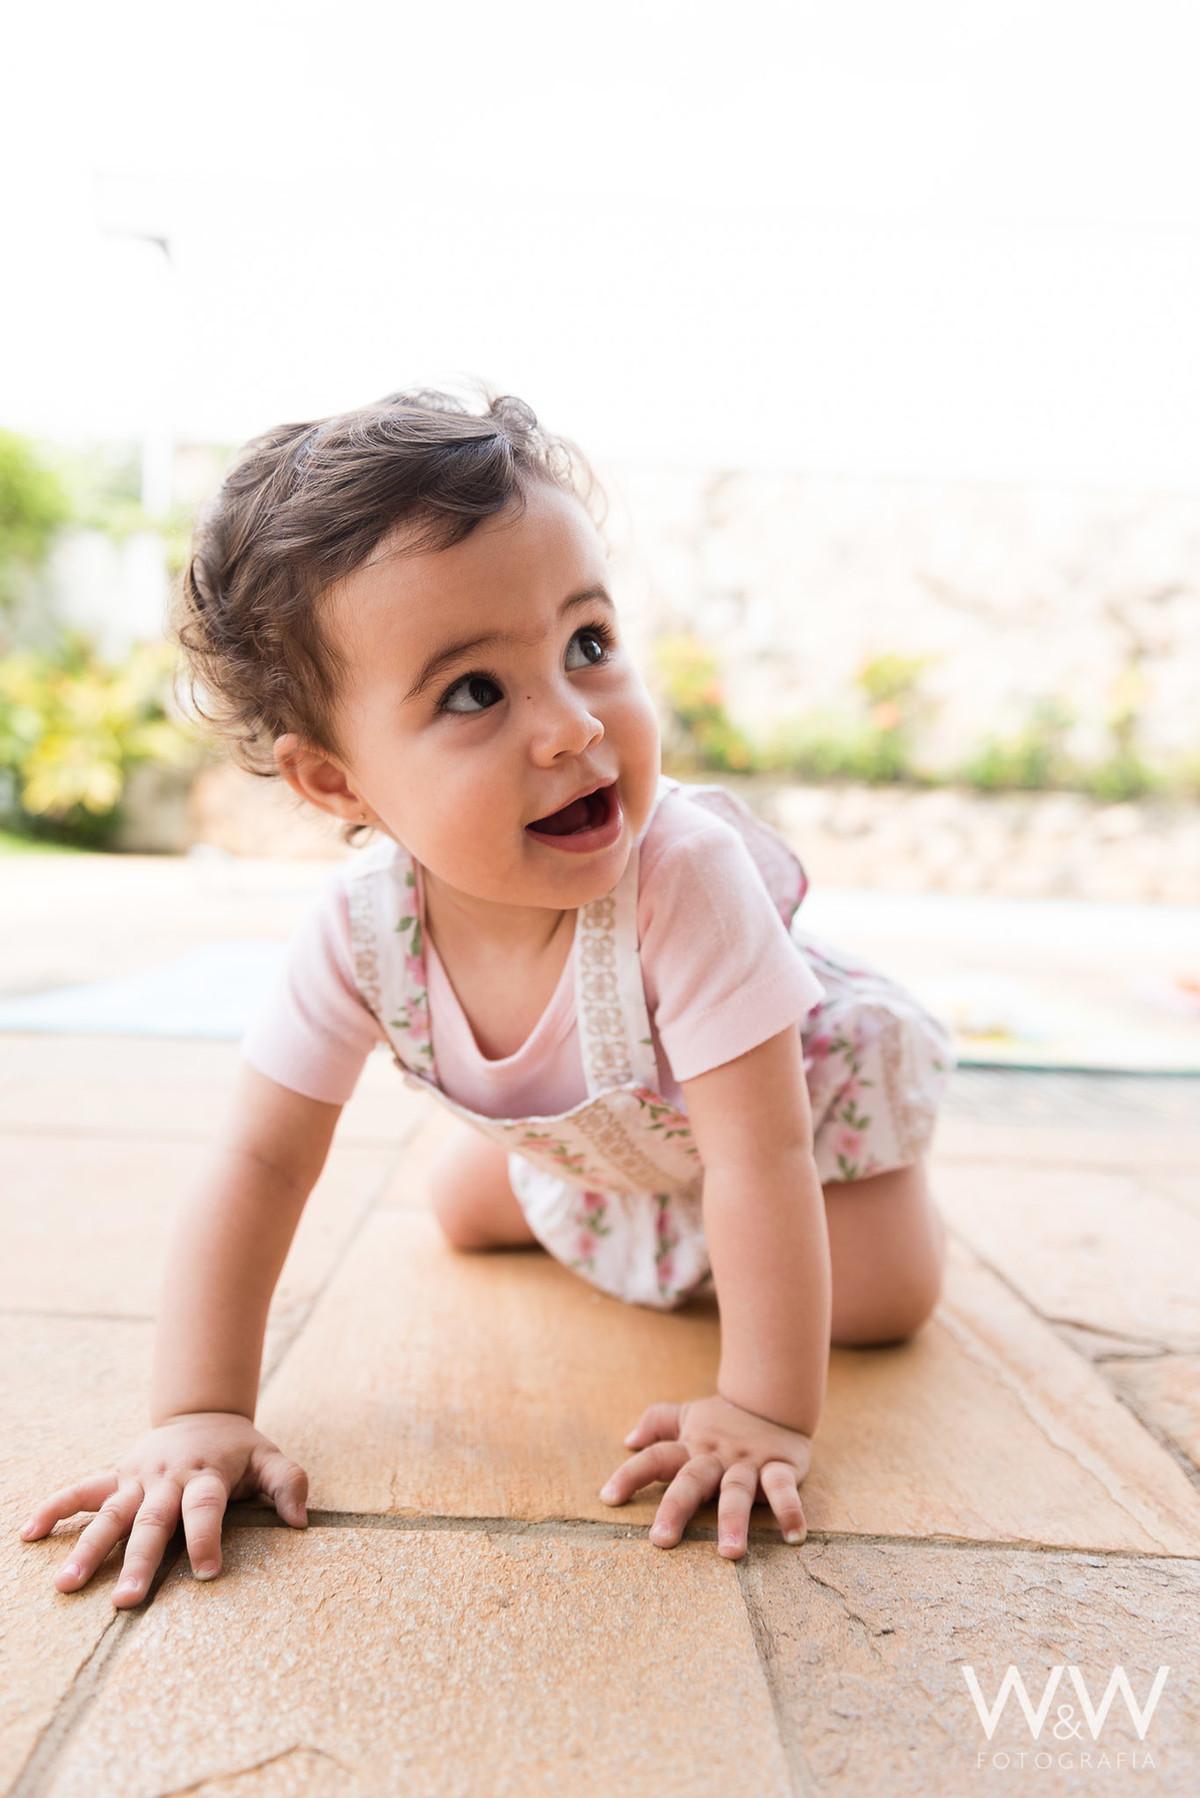 acompanhamento ensaio bebê 12 meses fotografia são paulo